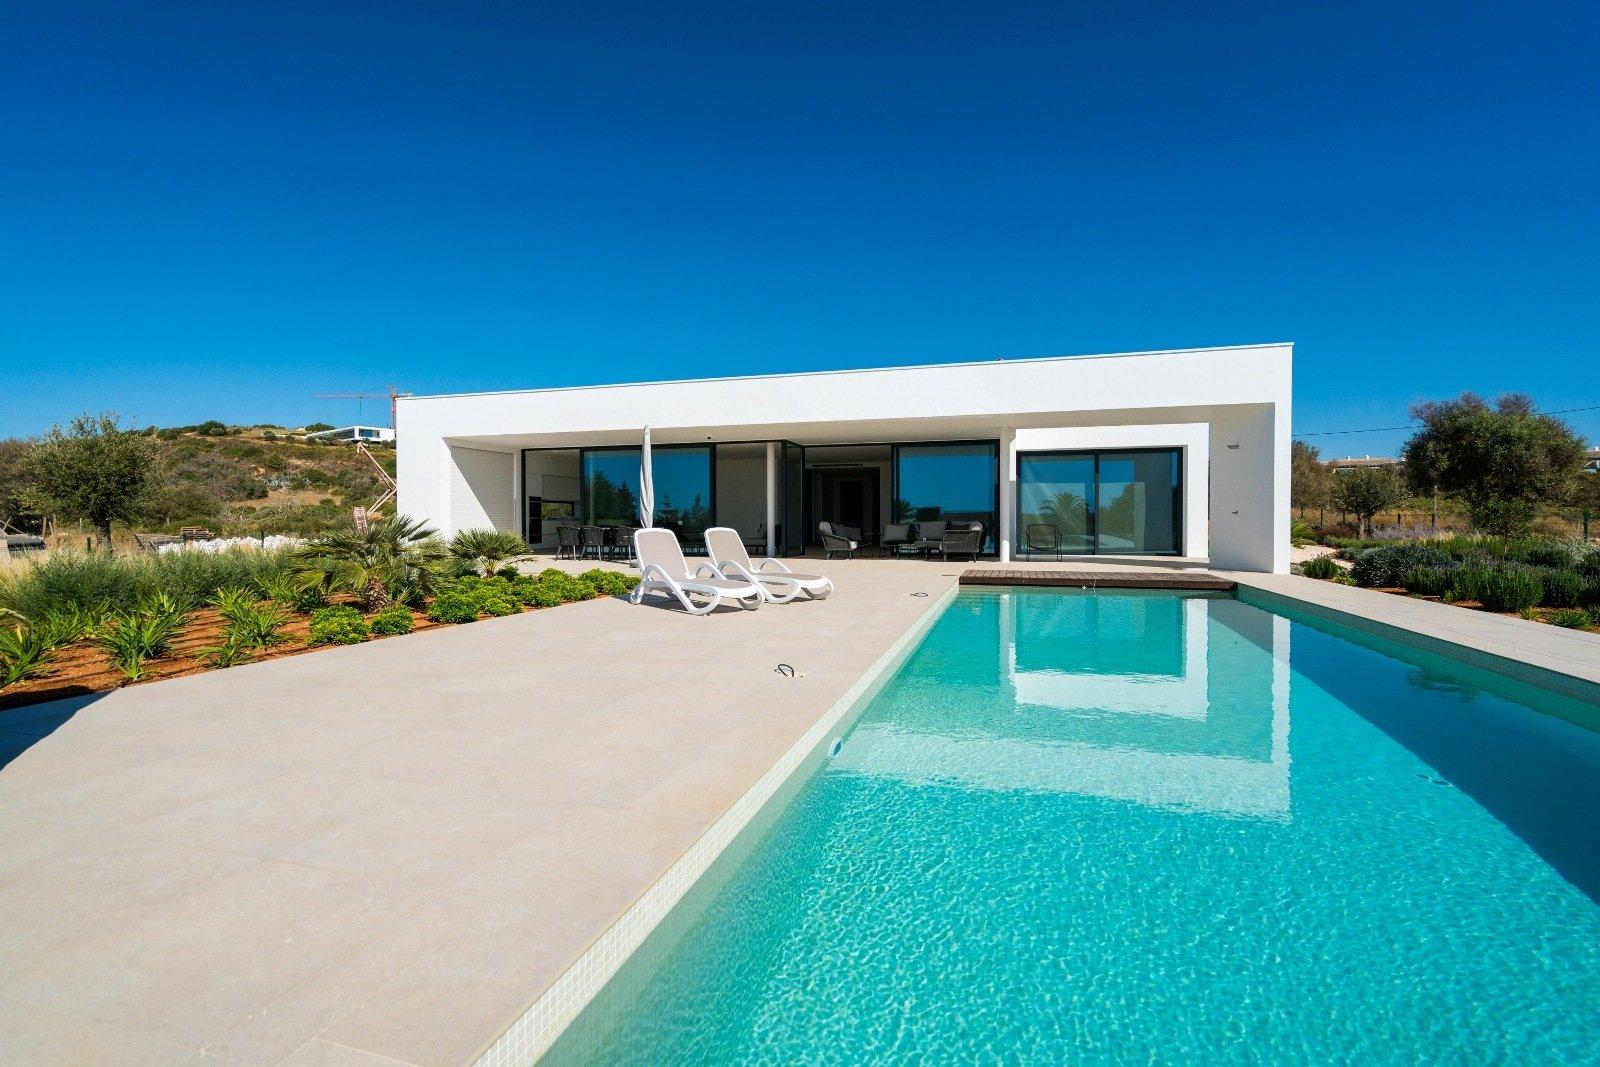 5 Bedroom Villa Lagos, Western Algarve Ref: GV493E